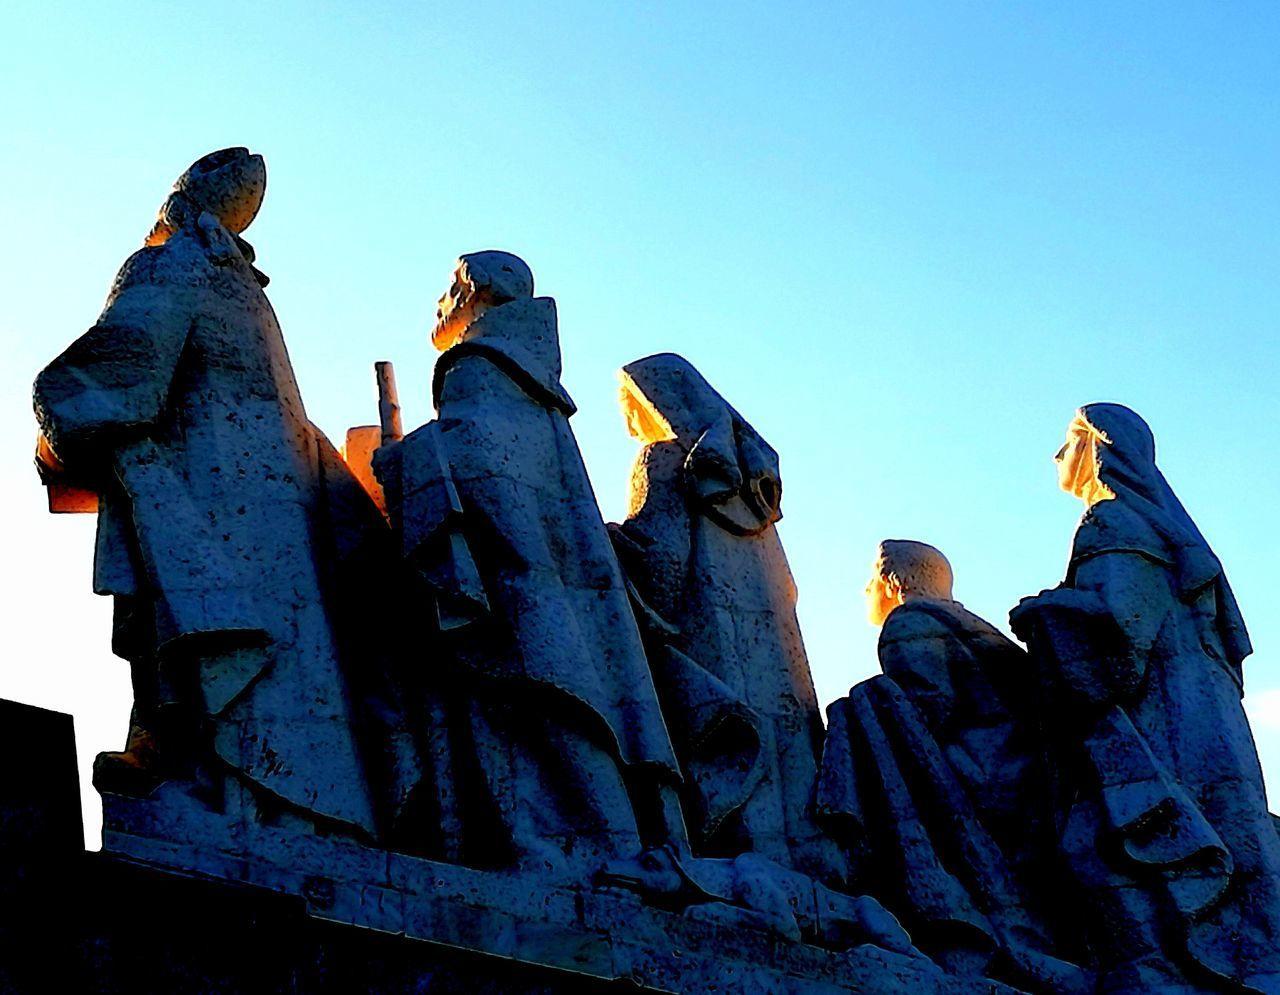 Esculturas Y Estatuas Sculpture Light And Shadow City People